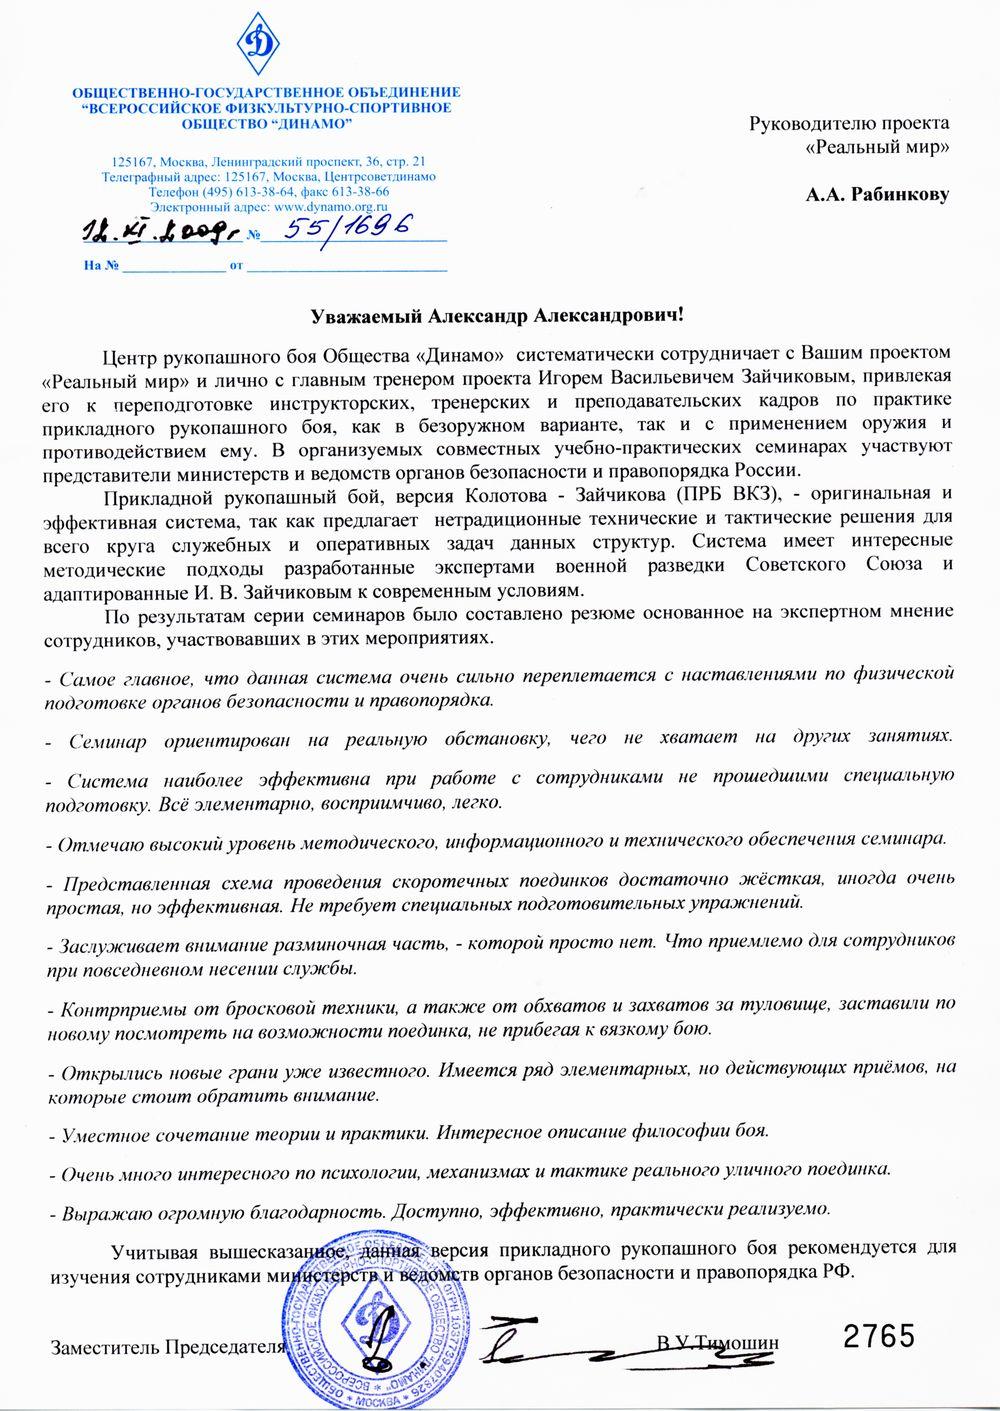 Павлодарский проститутки хочу снять